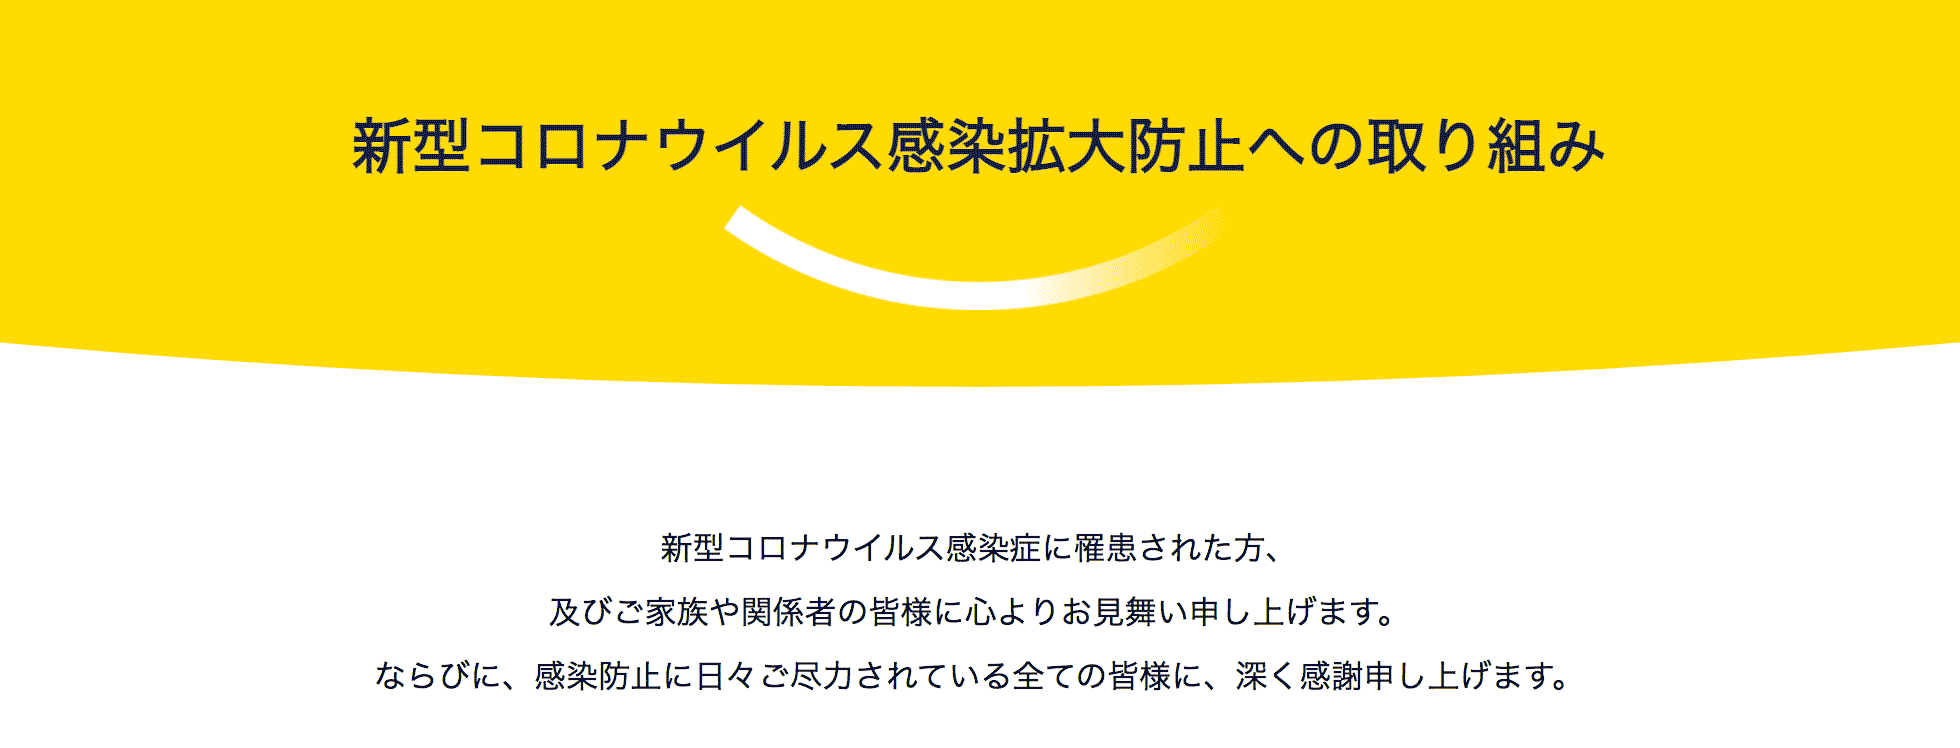 コロナ 奈良